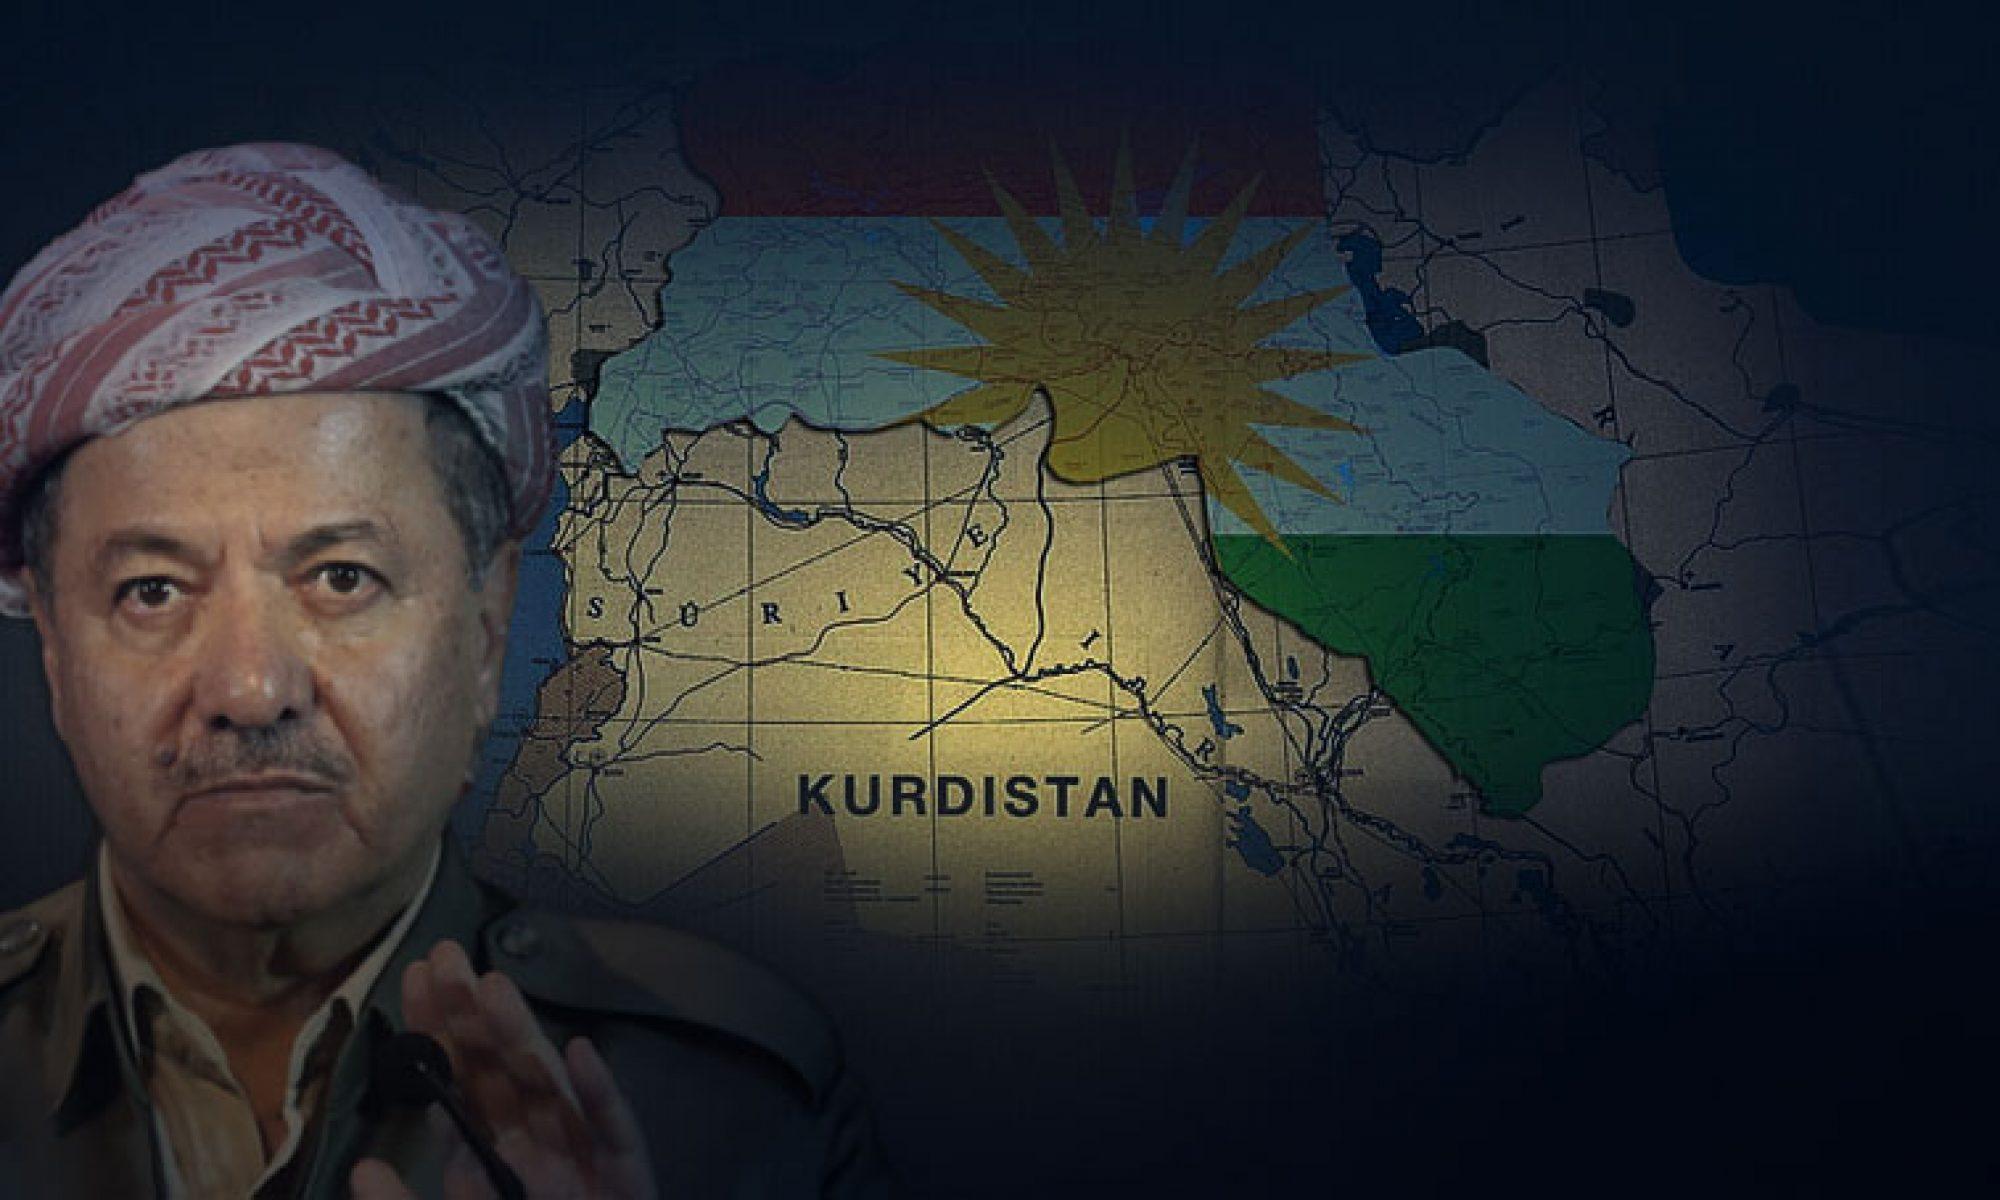 Kürdistan'a karşı olan herkes Barzani'ye saldırıyor, PKK; Bırakuji, Kürtler arası iç savaş, KCK, Çemanke, Mahabad, Qazi Muhammed